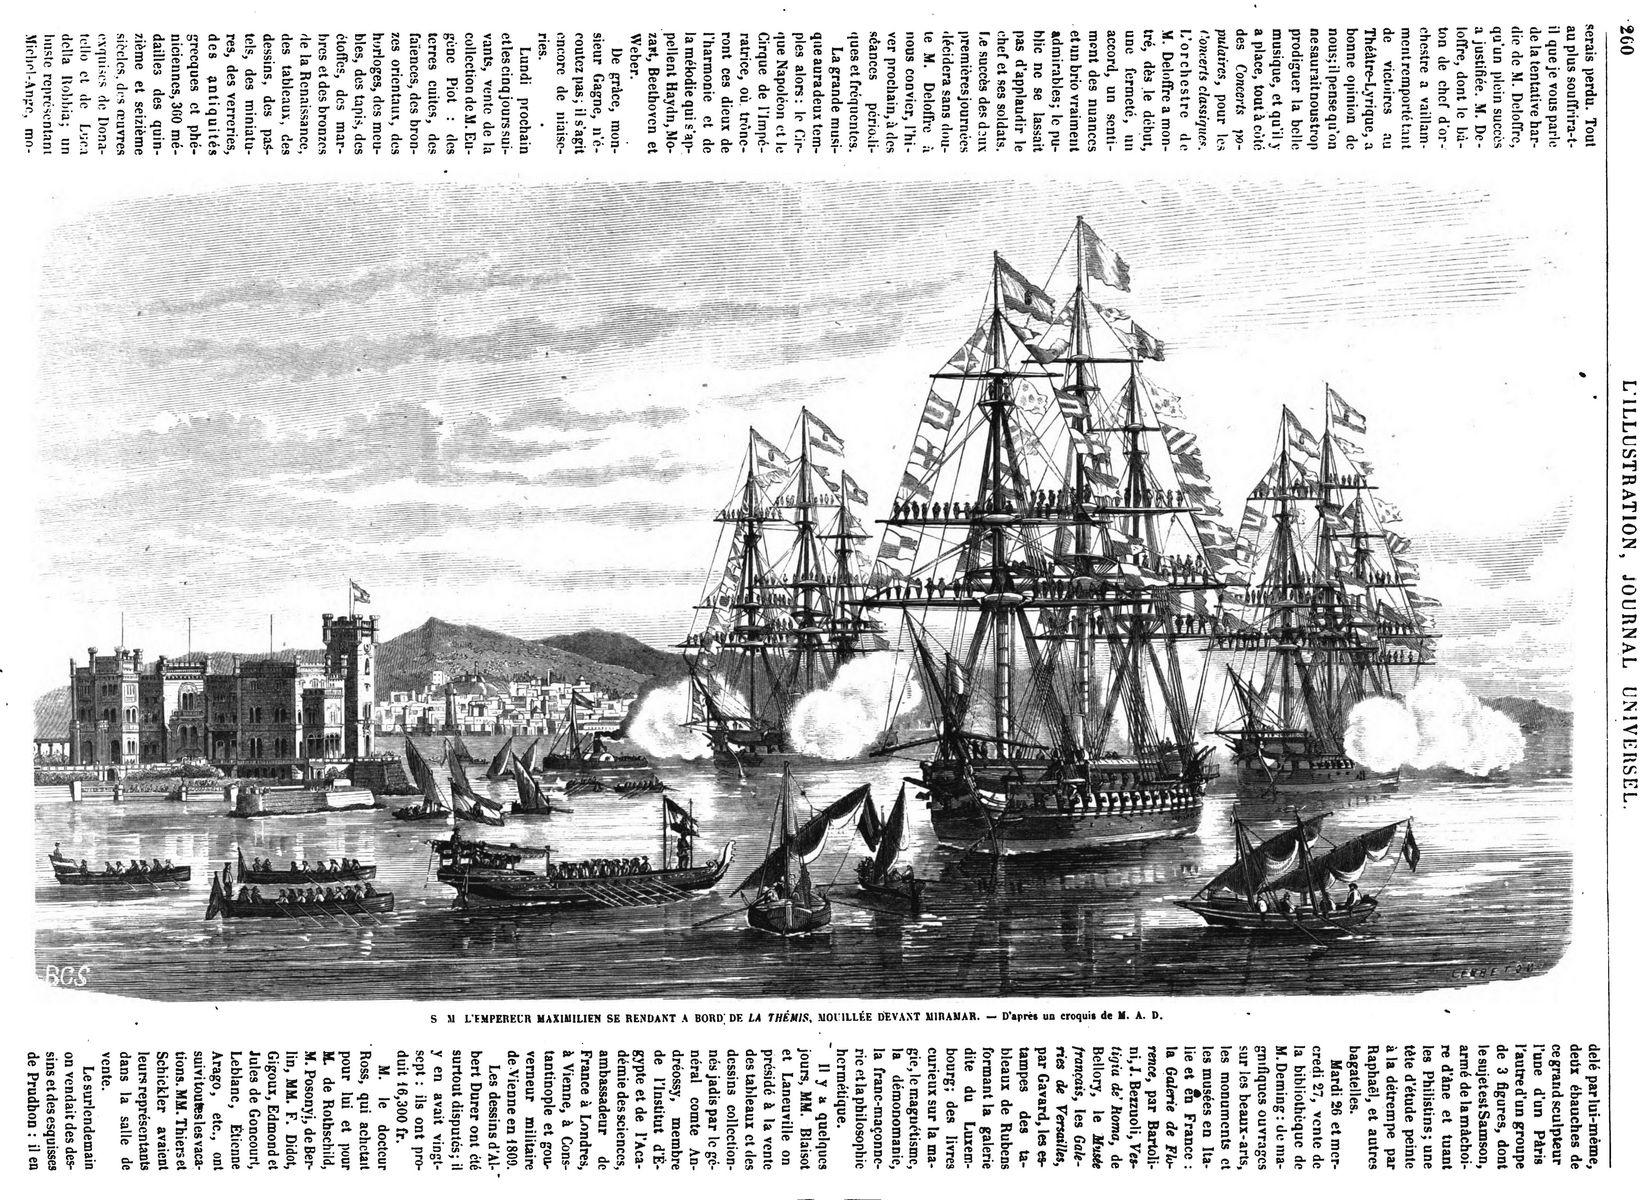 S. M. l'Emperenr Maximilien se rendant à bord de la Thémis, mouillée devant Miramar. (La Thémis est une frégate de 50 canons)